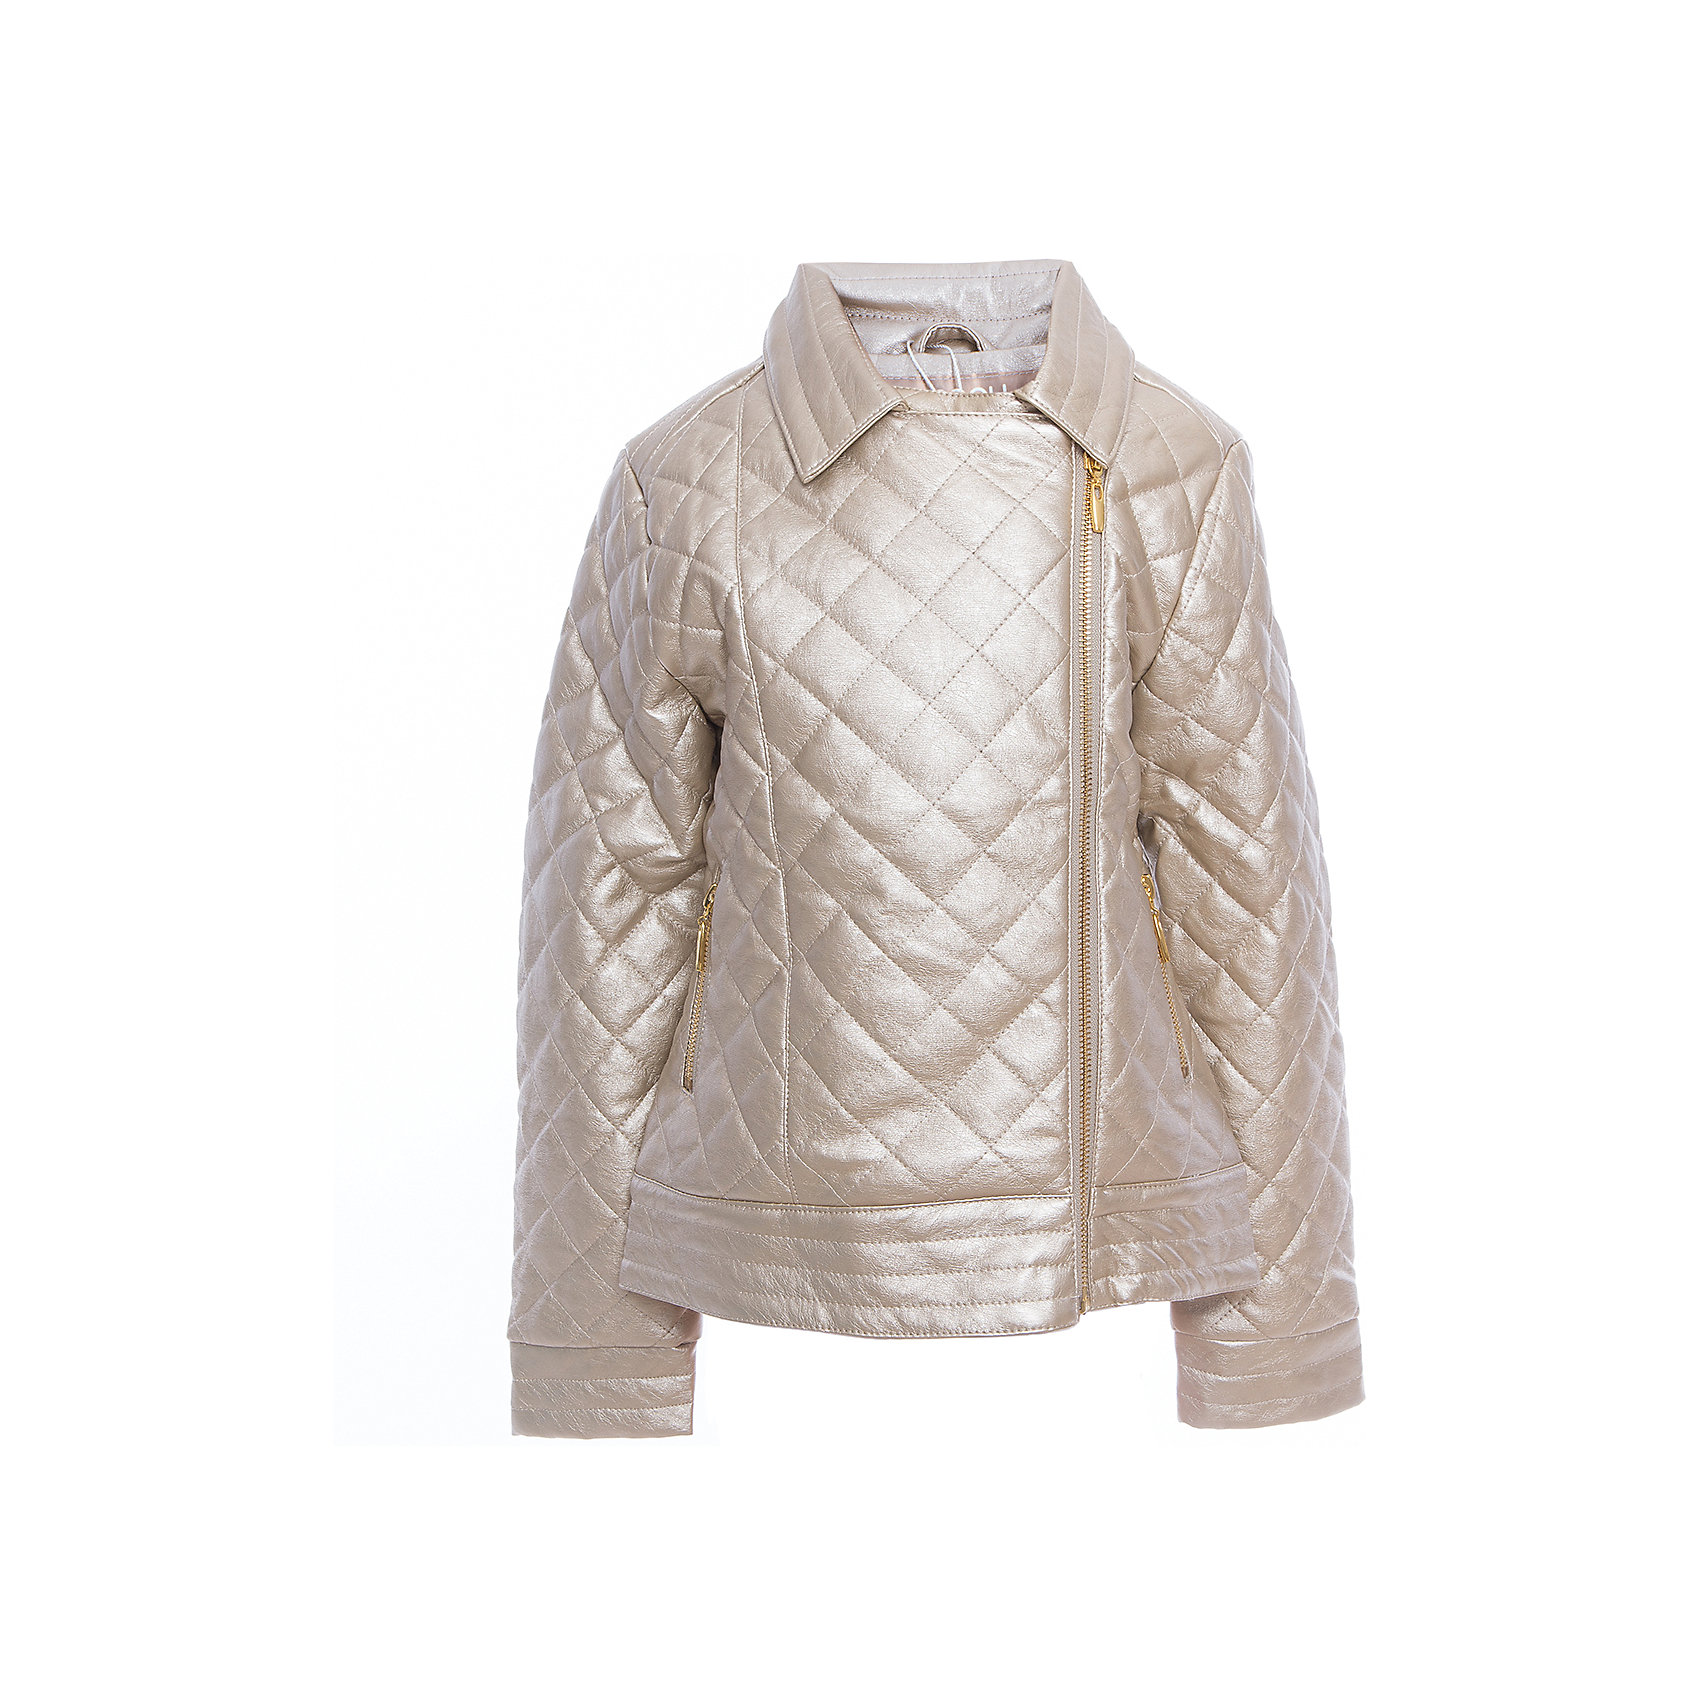 Куртка текстильная для девочек ScoolВерхняя одежда<br>Куртка текстильная для девочек Scool<br>Куртка с имитацией стежки.<br><br>– Застегивается на стильную косую молнию.<br>– Классический отложной воротник.<br>– Гладкая подкладка таффета.<br>– Два функциональных кармана на молнии.<br>Состав:<br>Верх: 40% полиуретан, 30% вискоза, 30% полиэстер, подкладка: 100% полиэстер, наполнитель - 100% полиэстер, 100 г/м2<br><br>Ширина мм: 356<br>Глубина мм: 10<br>Высота мм: 245<br>Вес г: 519<br>Цвет: золотой<br>Возраст от месяцев: 120<br>Возраст до месяцев: 132<br>Пол: Женский<br>Возраст: Детский<br>Размер: 146,152,158,164,134,140<br>SKU: 5419010